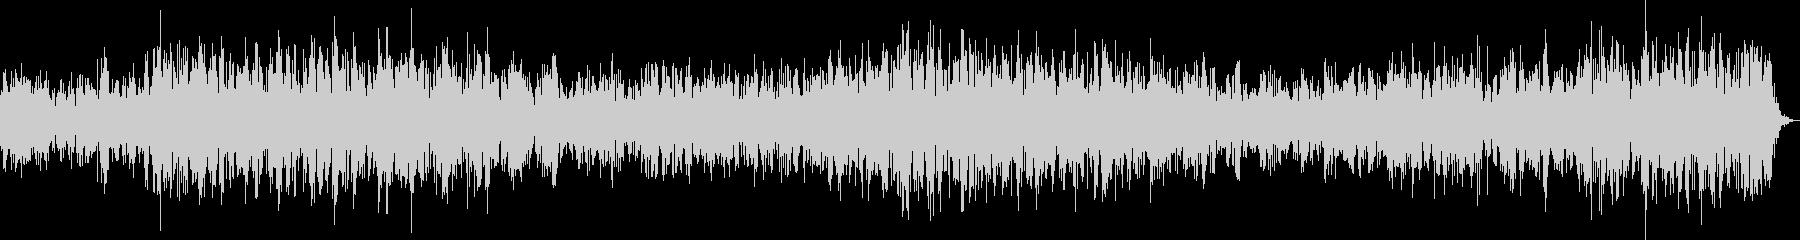 AMGその他FX 01の未再生の波形